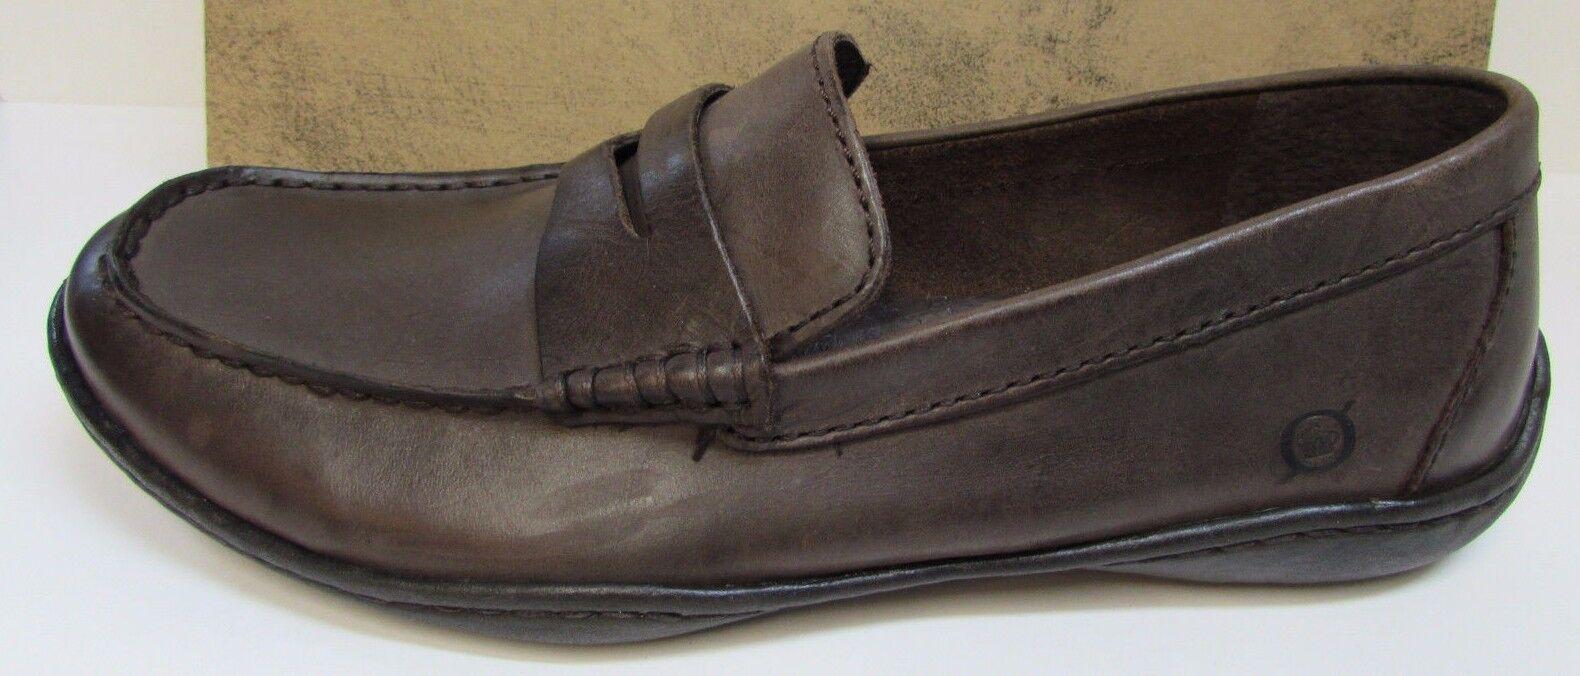 Born Taglia 8  marrone Pelle Loafers New Uomo Scarpe